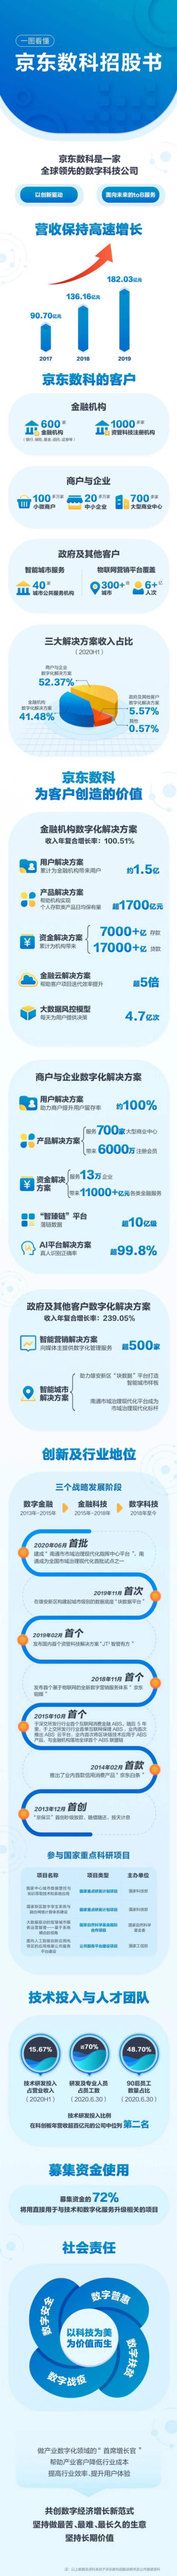 京东数科科创板IPO获受理:拟募资200亿元 去年盈利7.9亿元